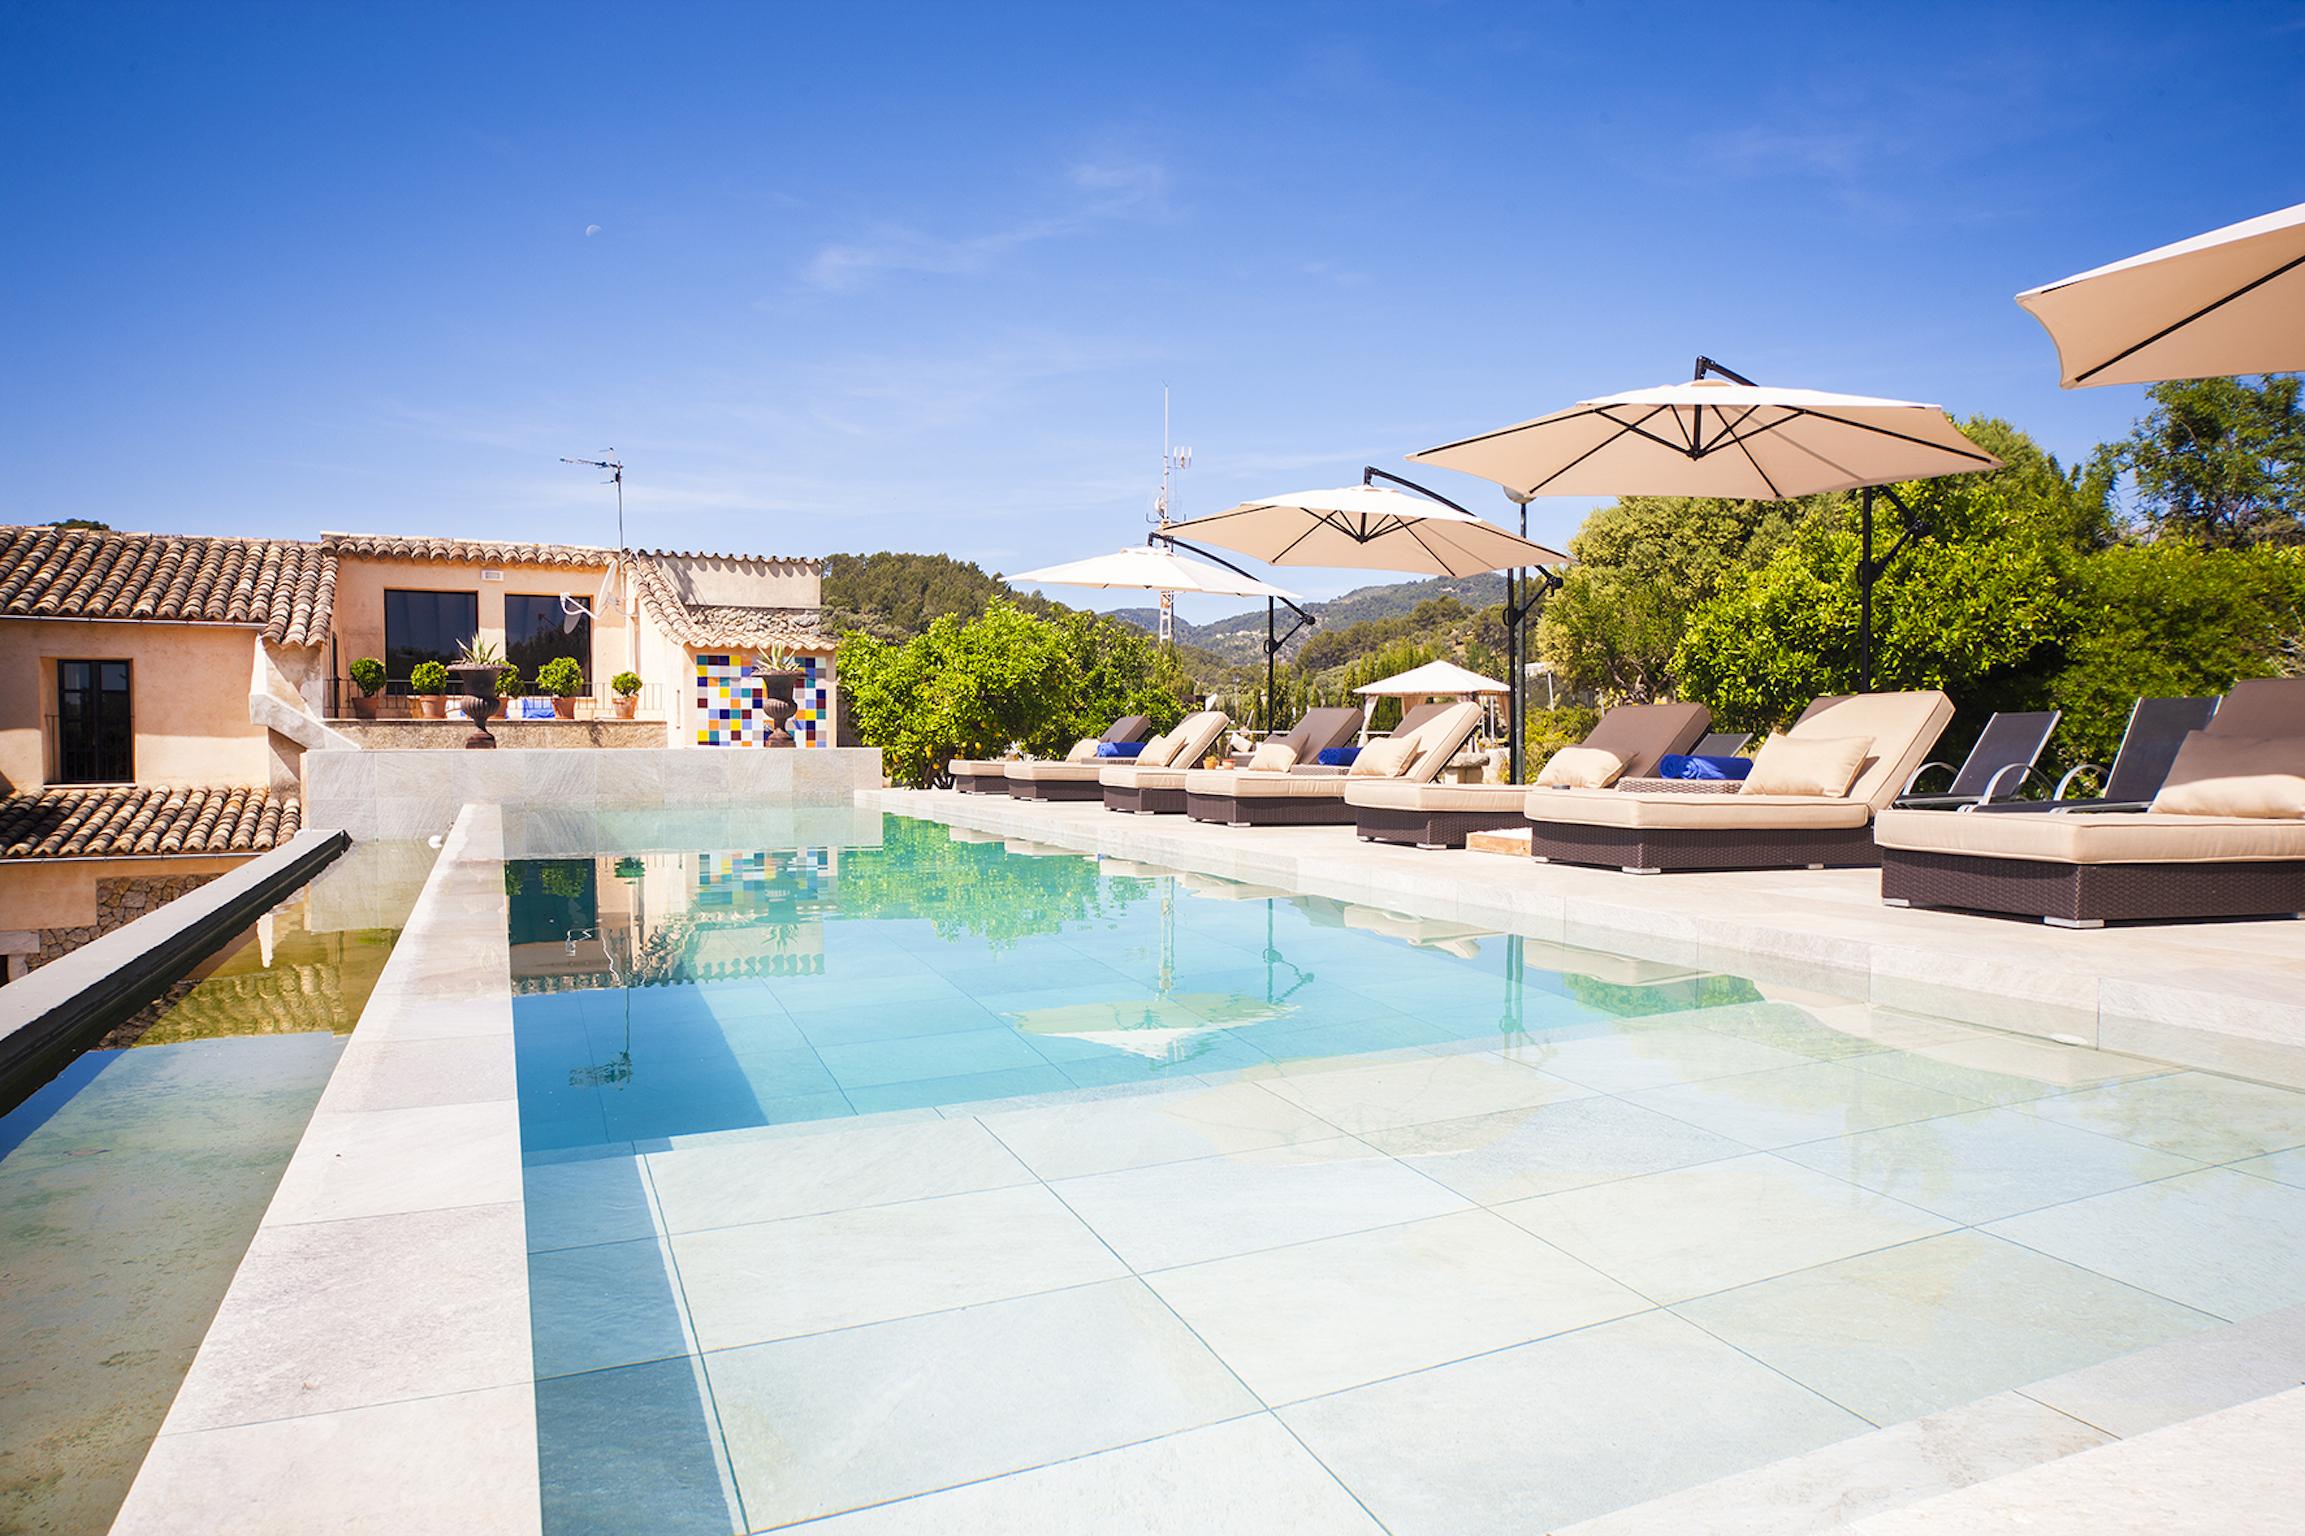 Pool - large